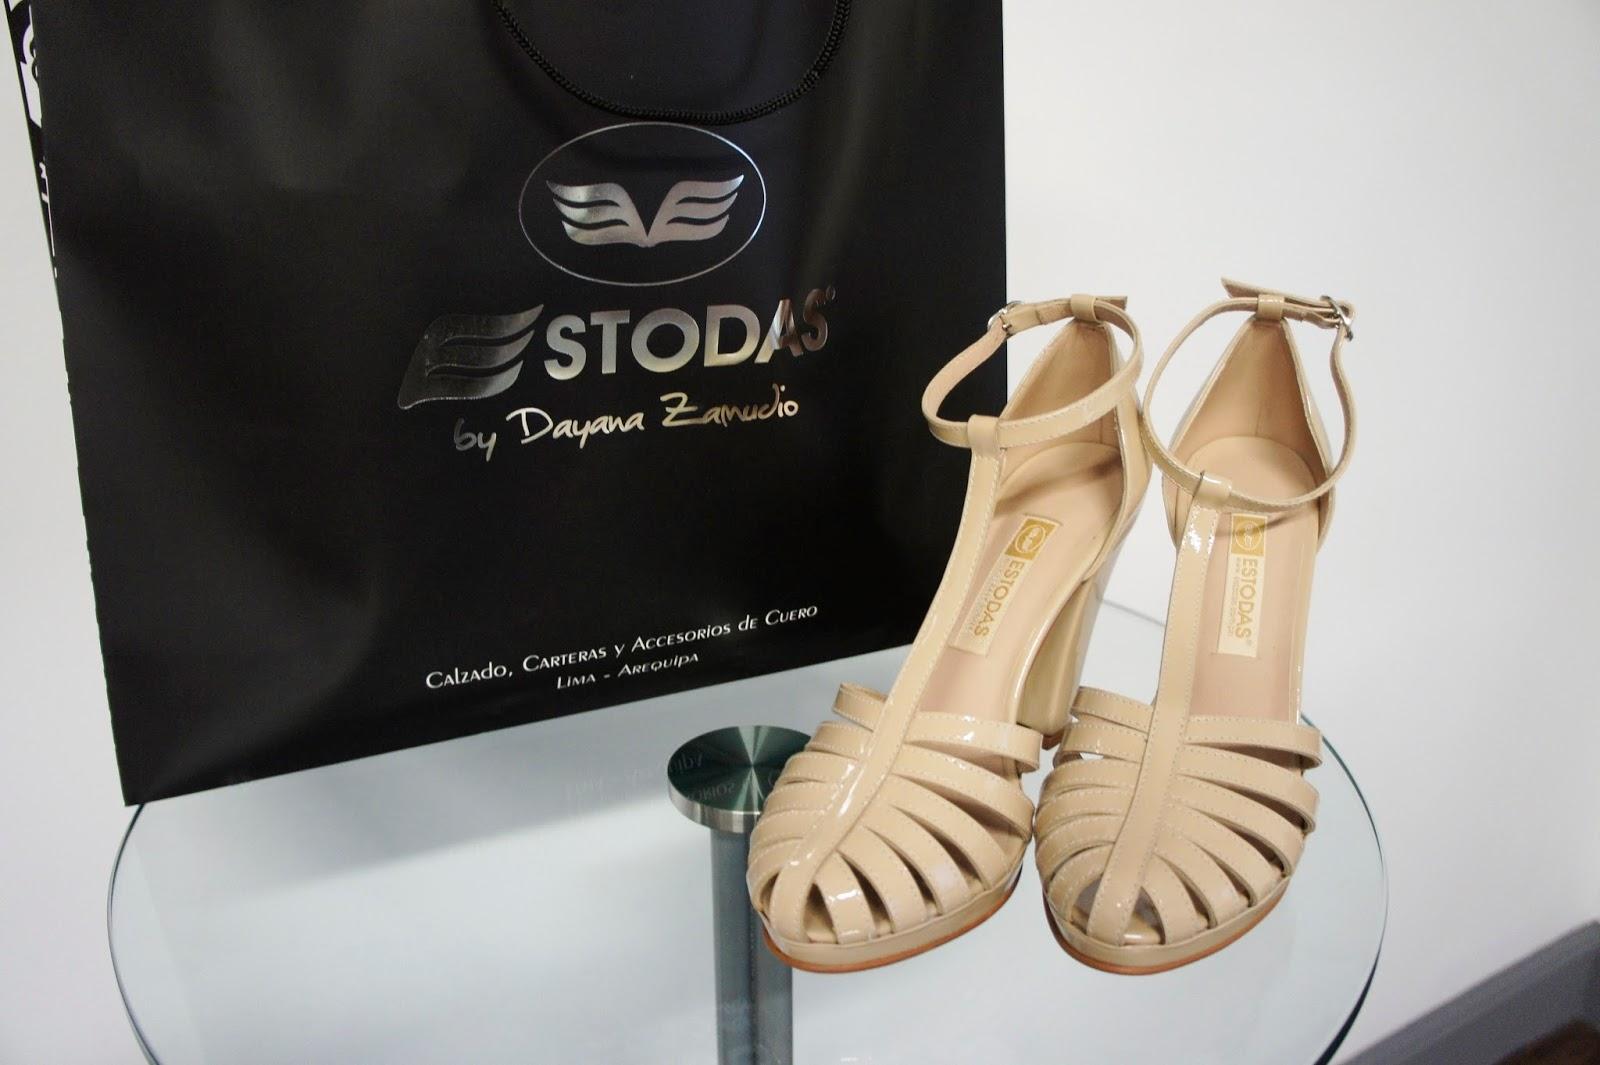 Estodas - zapatos